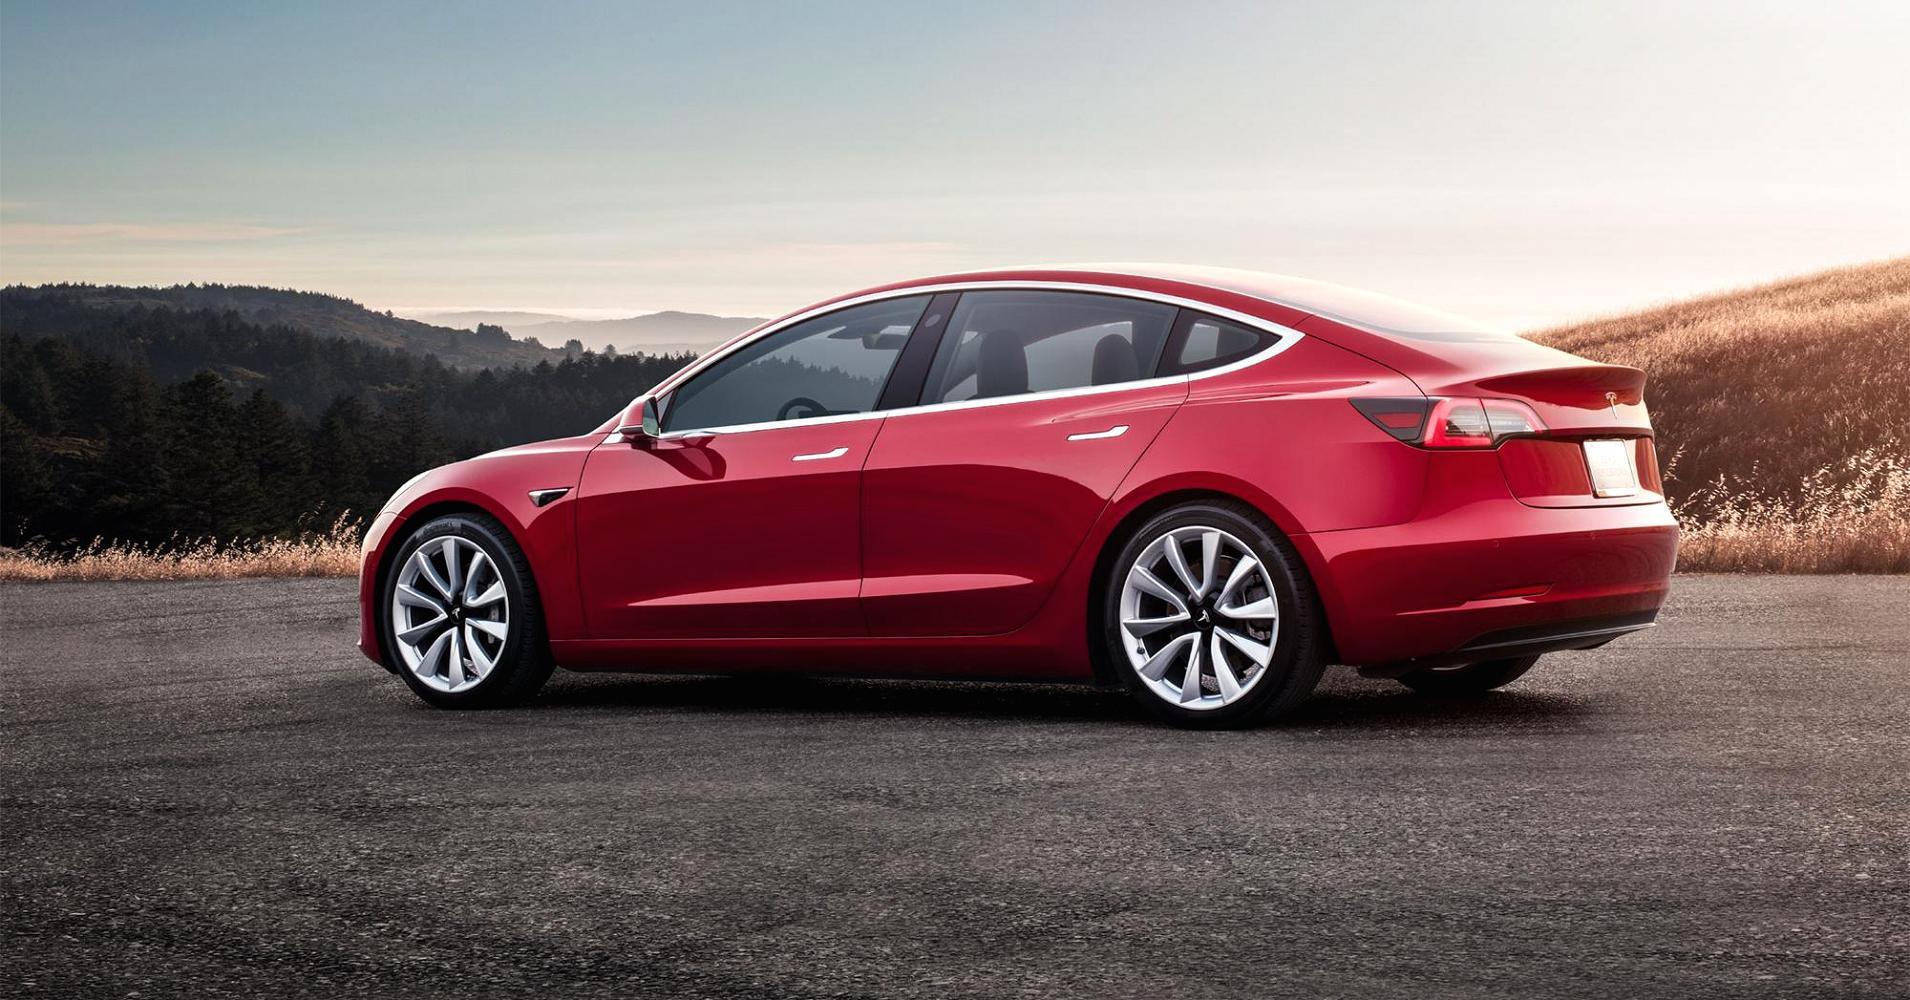 104951105-model-3---red-rear-sunset_1910x1000.jpg